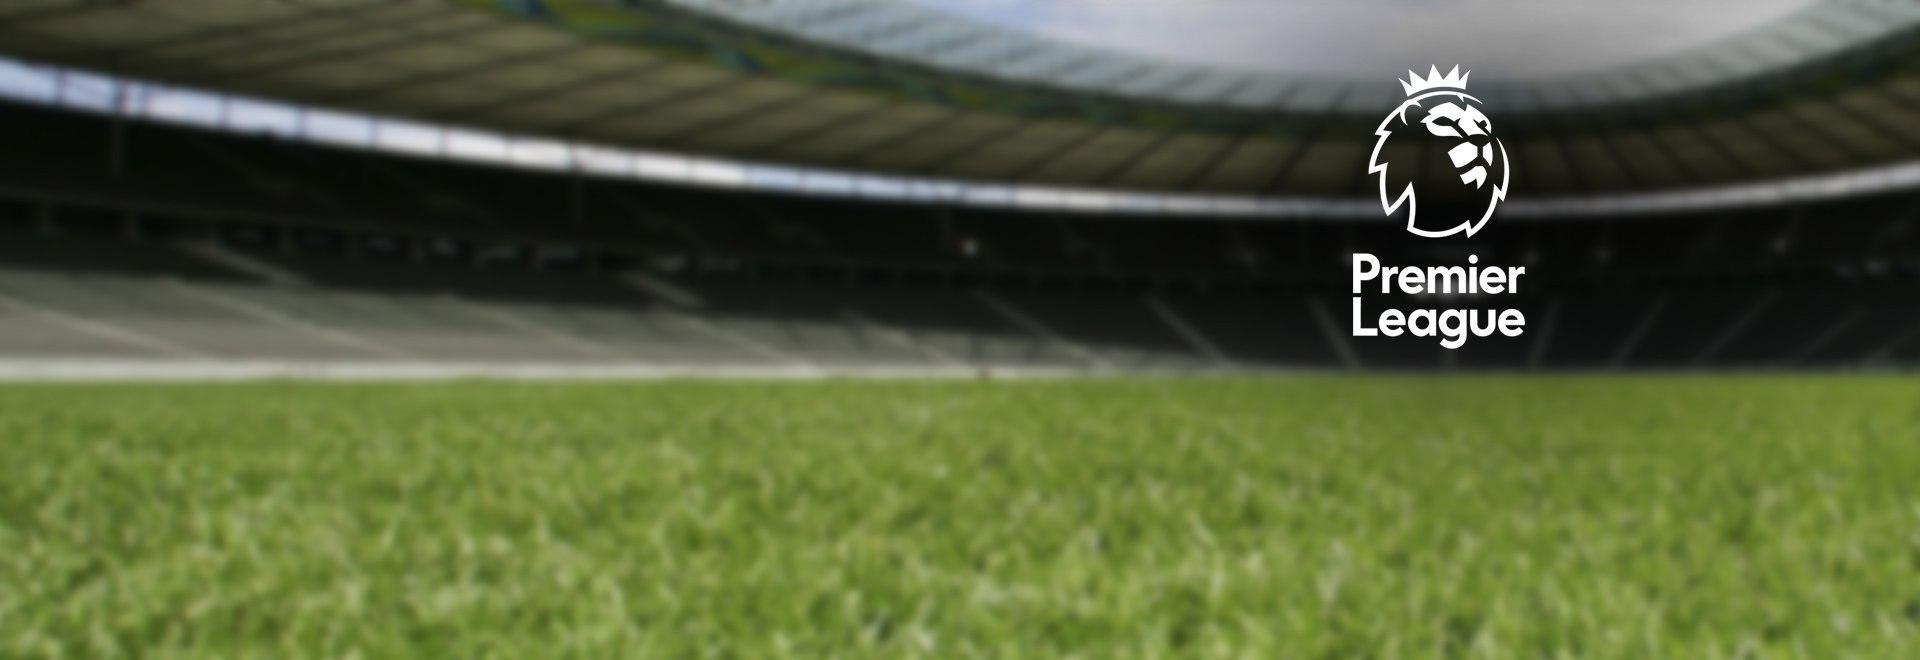 Aston Villa - Manchester City. 32a g.